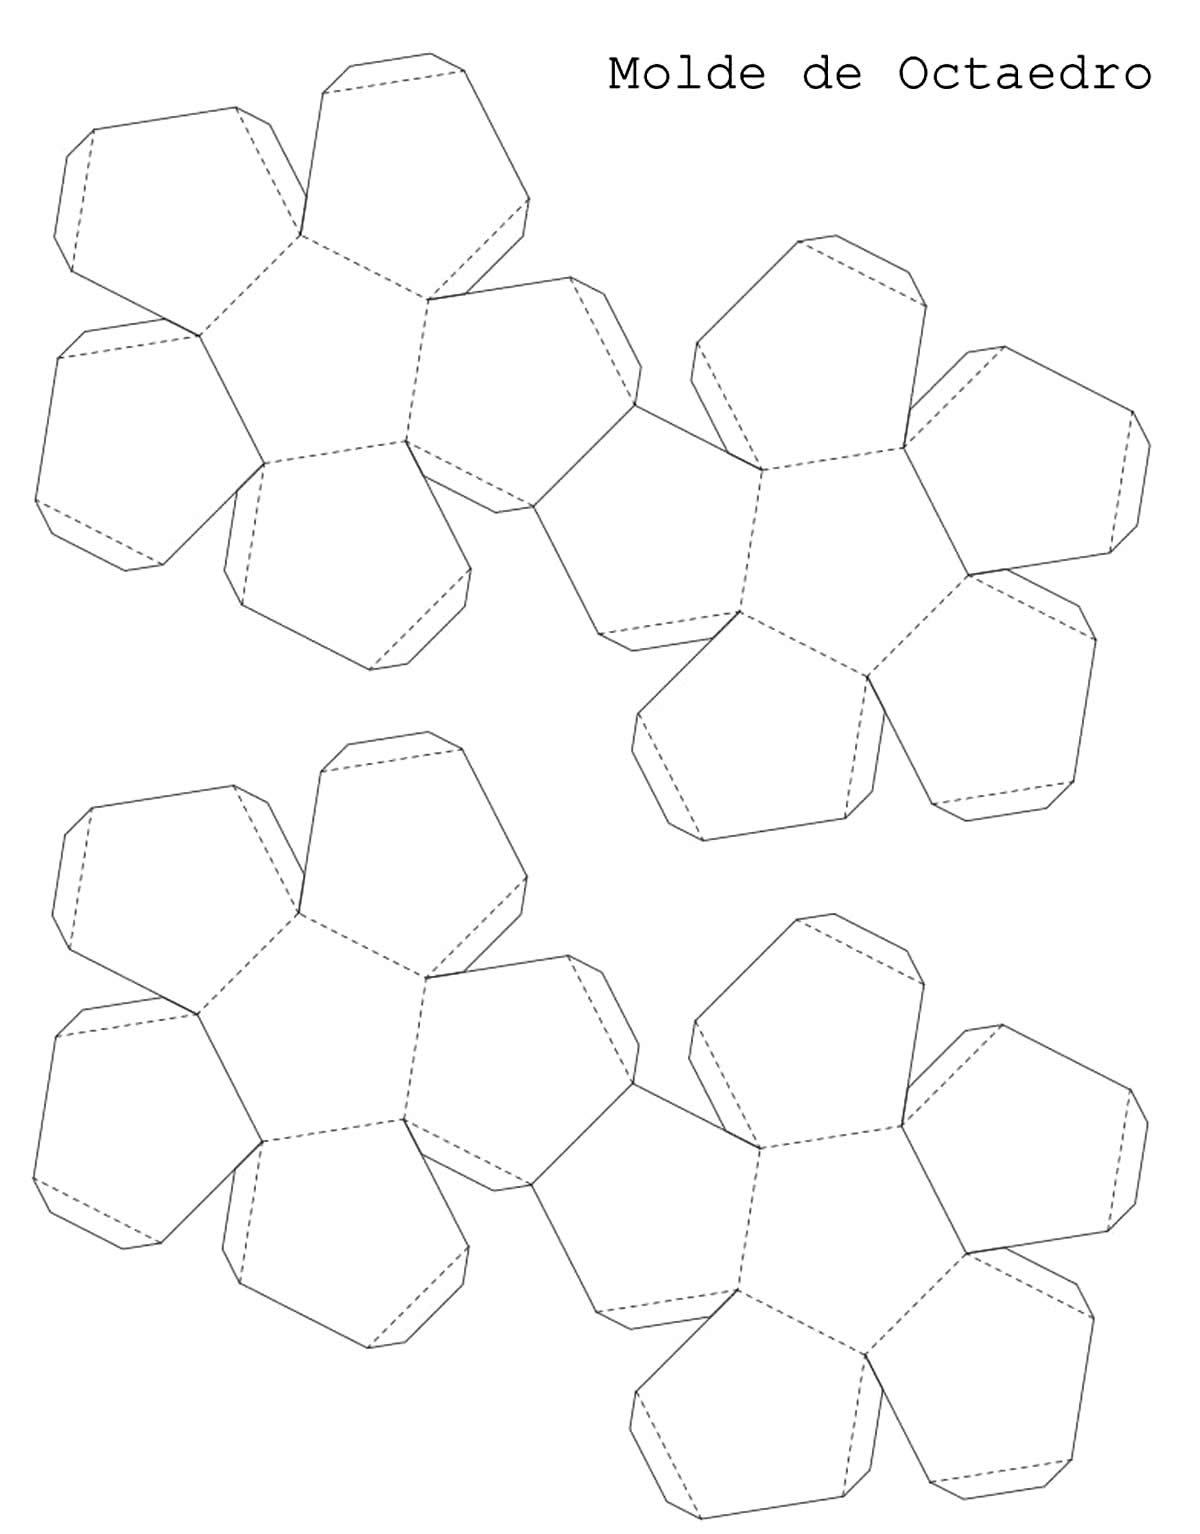 Moldes para caixinhas geométricas